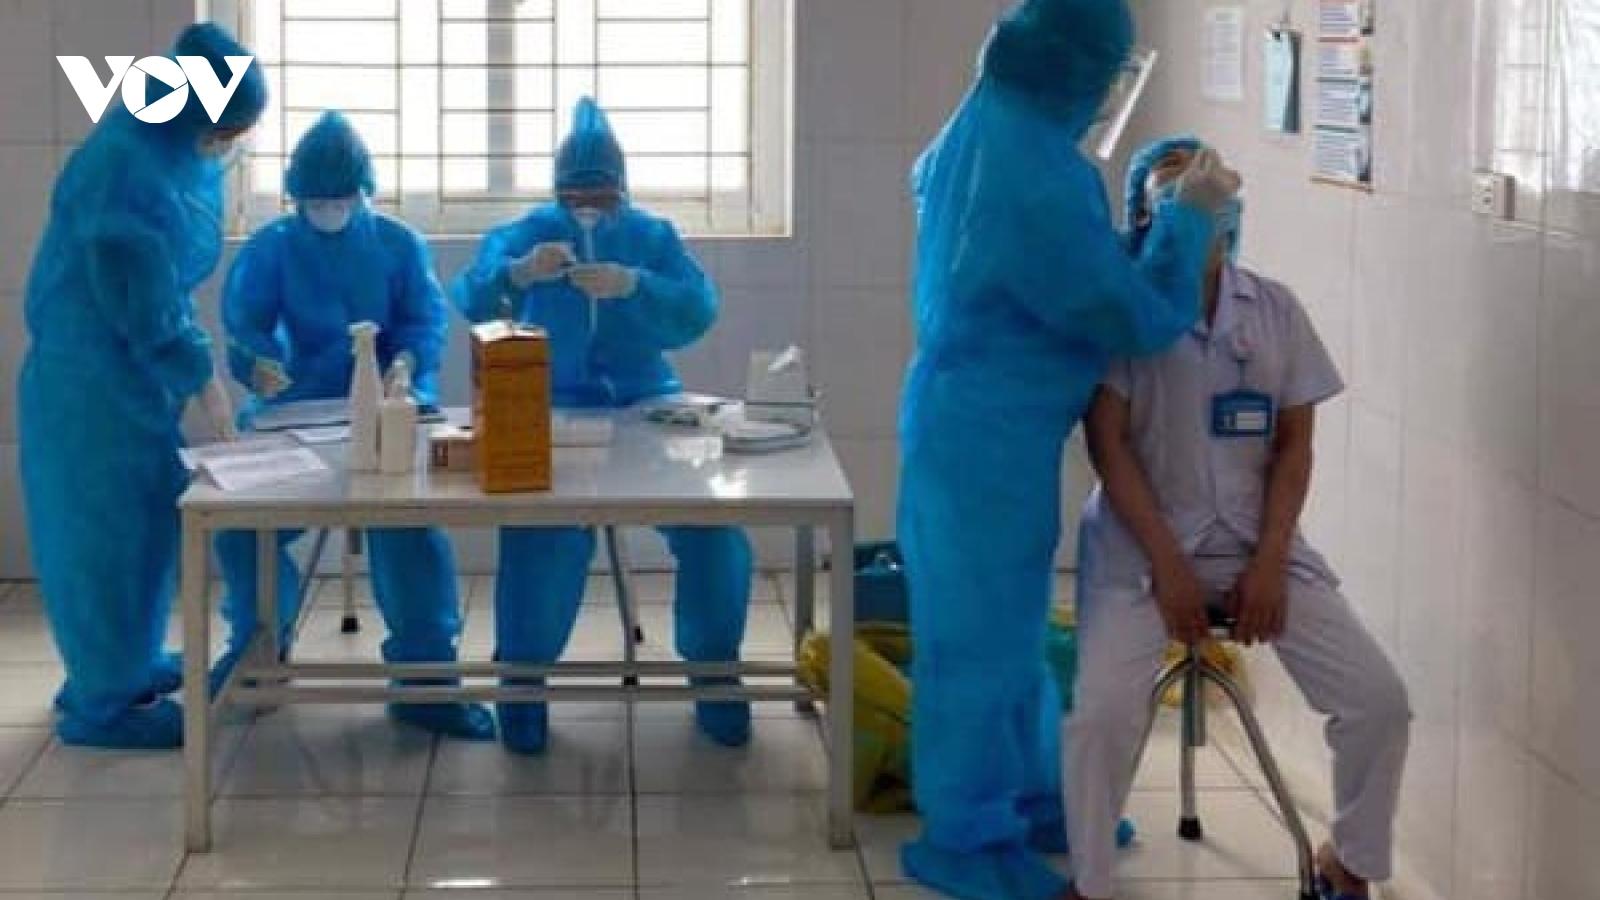 3 bác sĩ tại bệnh viện Tâm thần Nghệ An dương tính với SARS-CoV-2